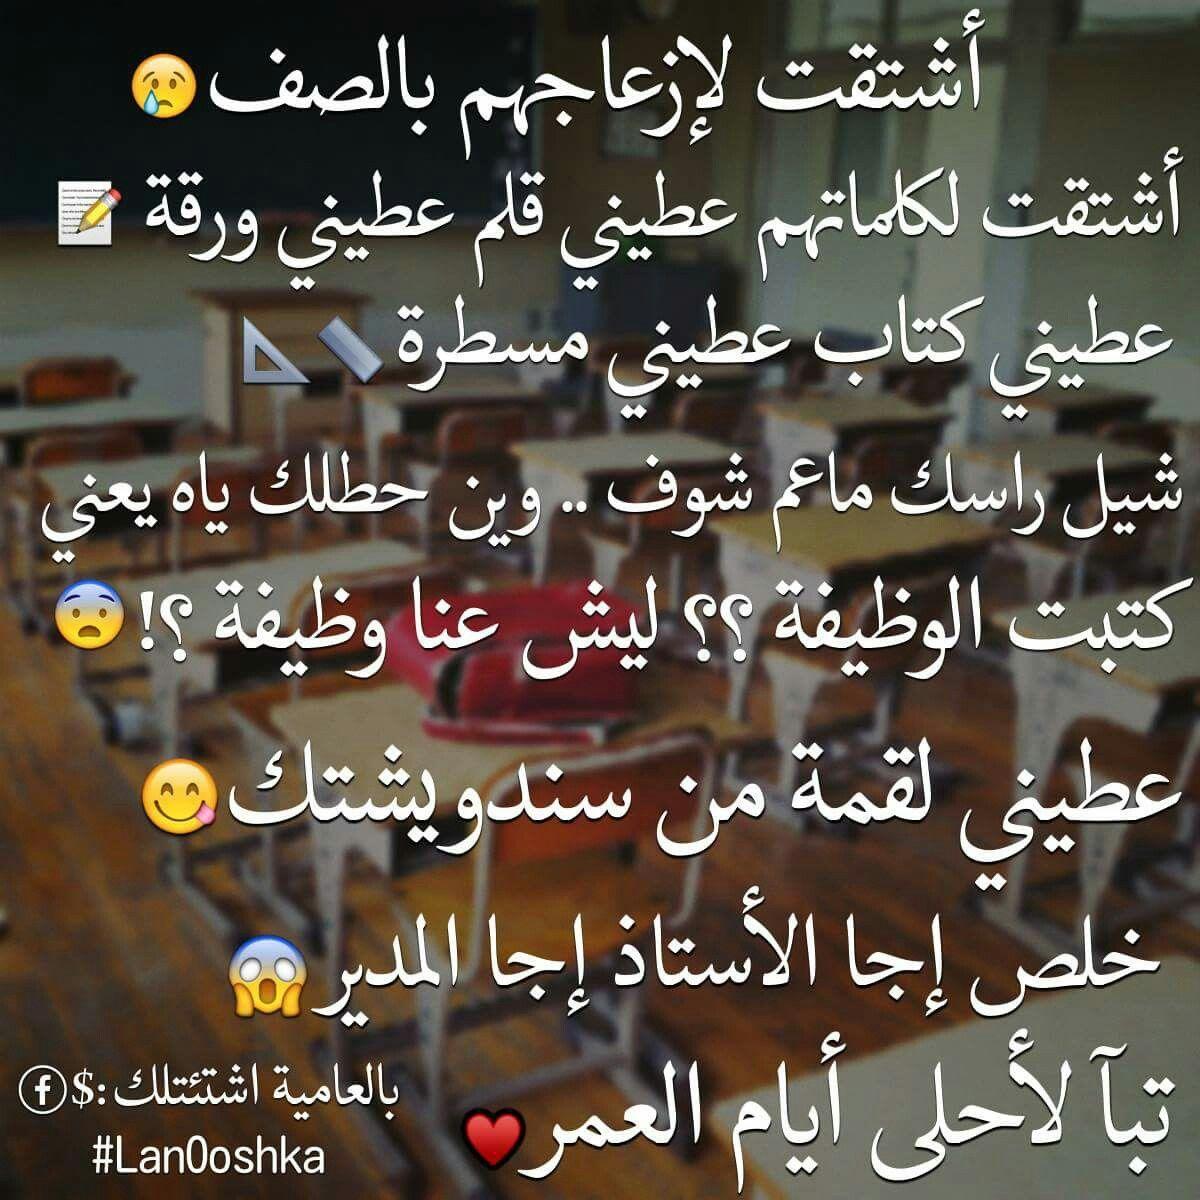 لا بالنسبة إلي الكابوس اقصد المدرسة بعدها مستمرة Funny Study Quotes Funny Words Funny Arabic Quotes